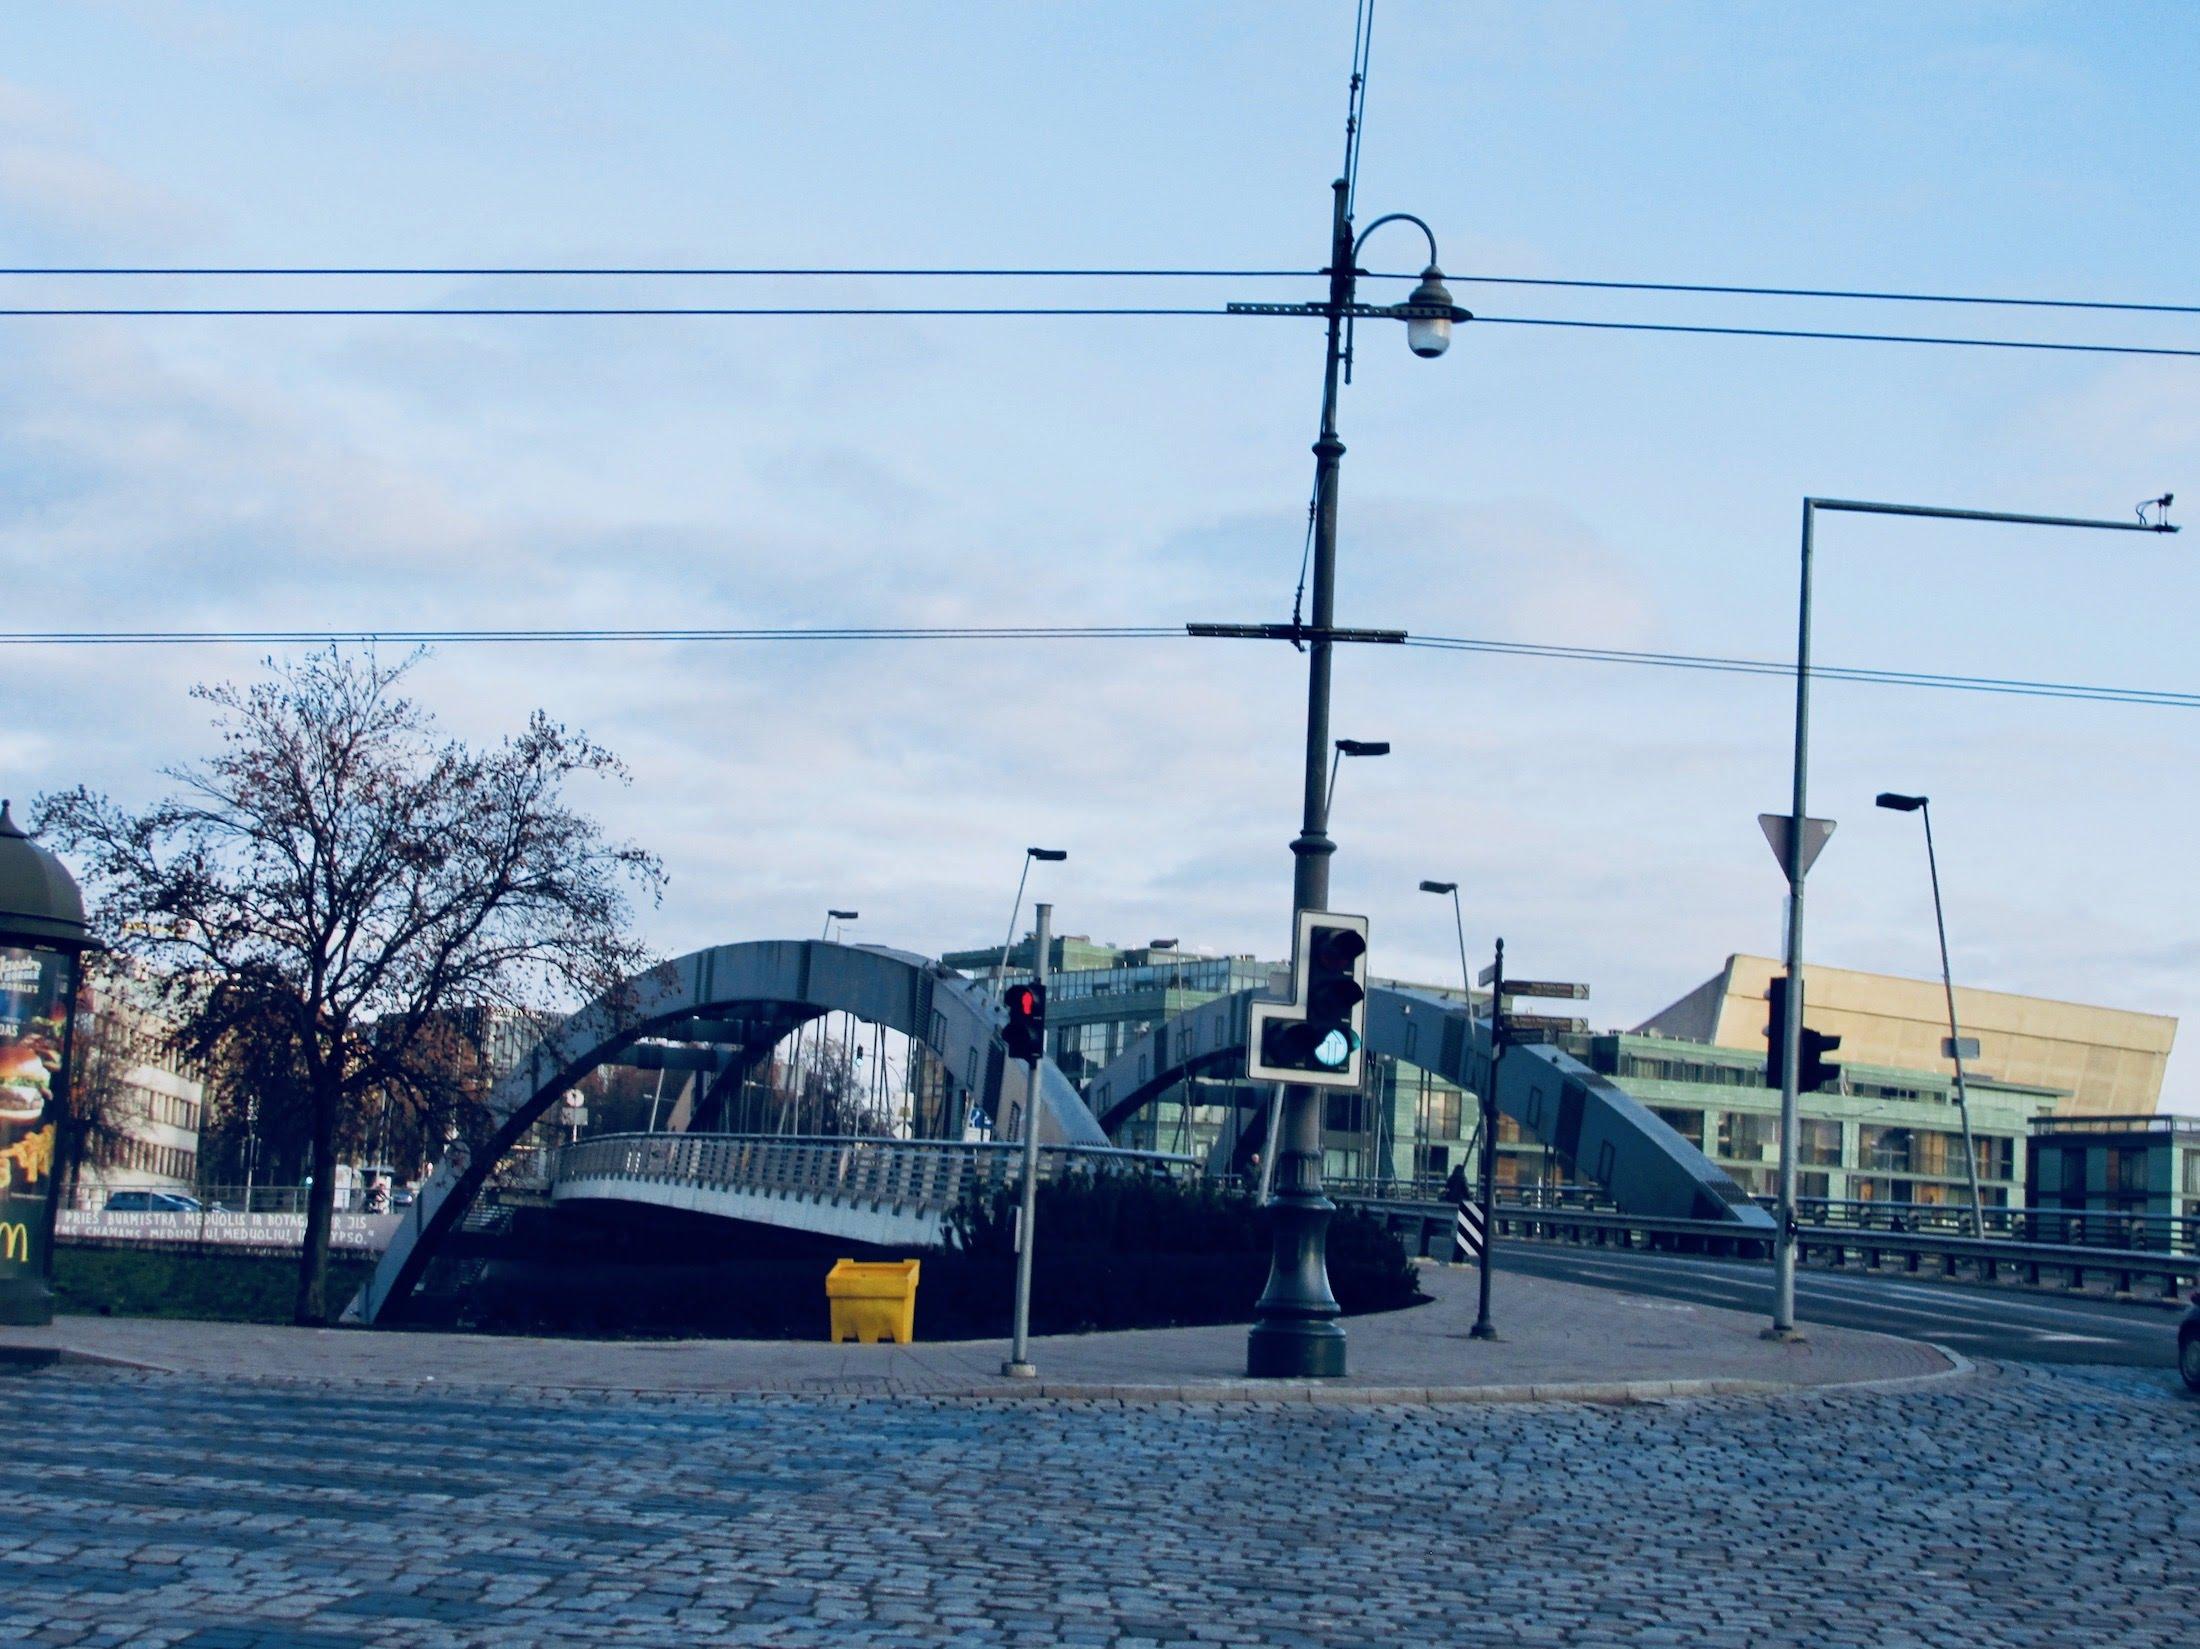 The Mindaugas Bridge